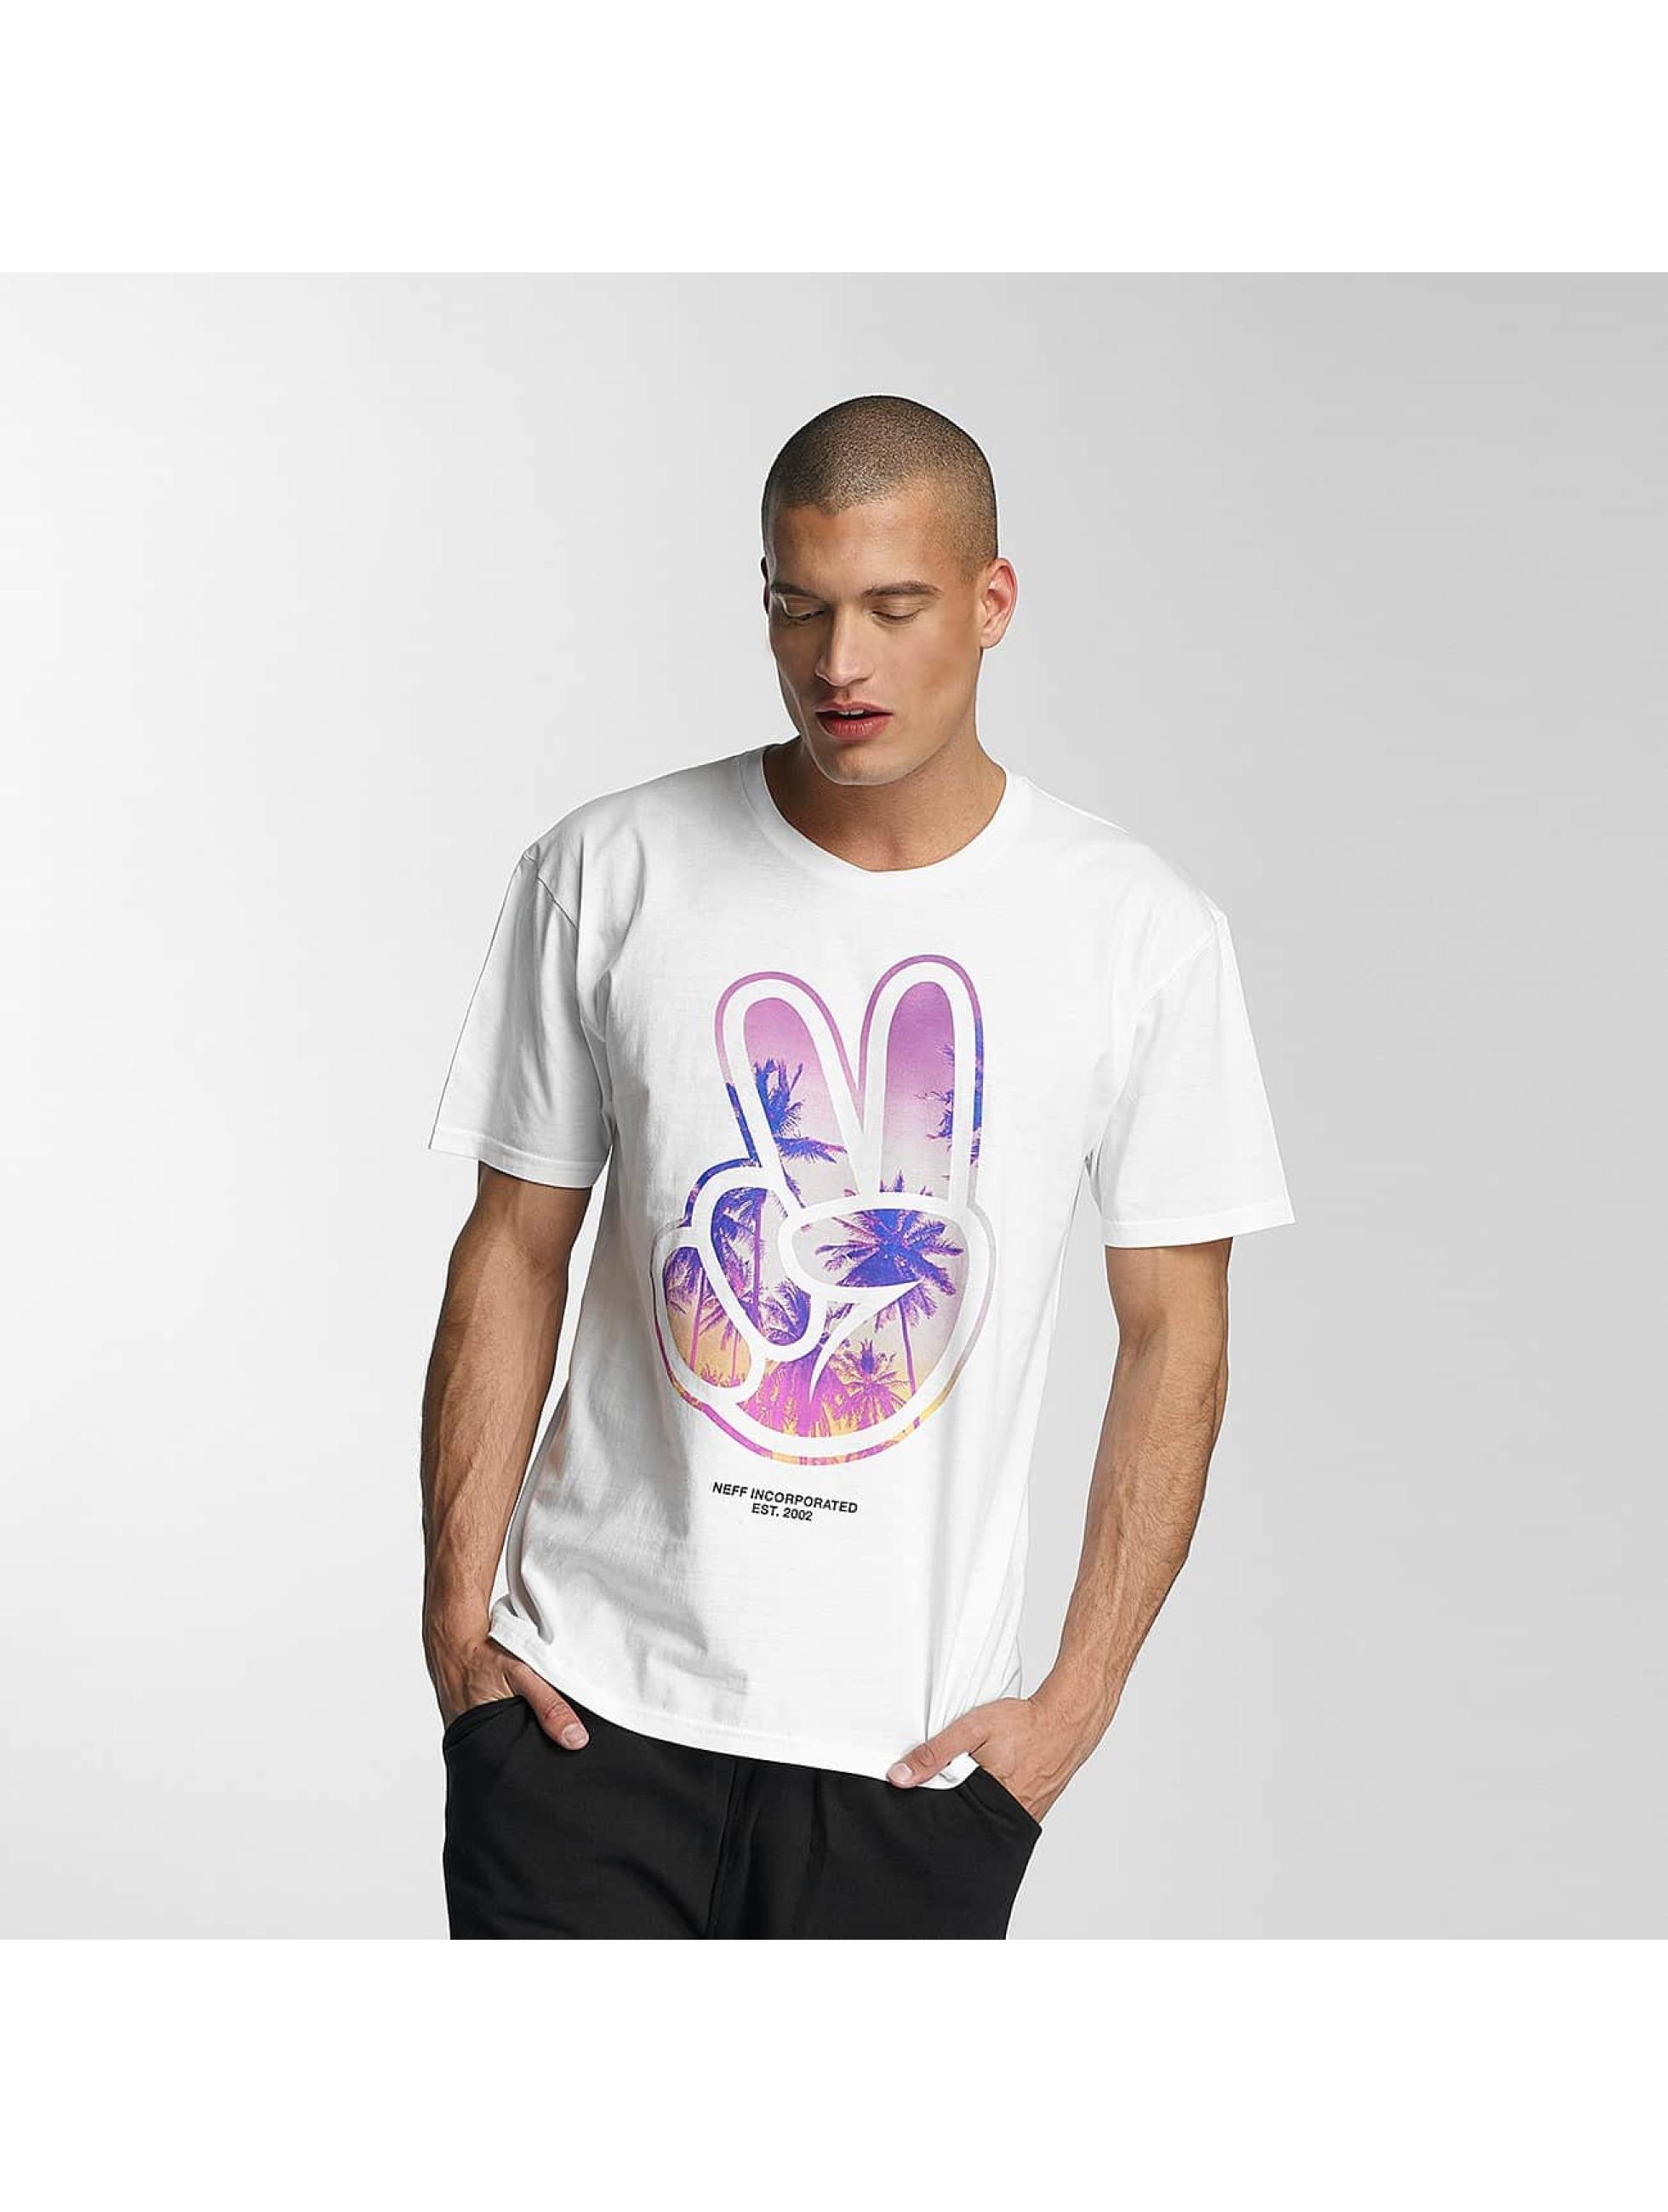 NEFF Haut / T-Shirt Paz en blanc